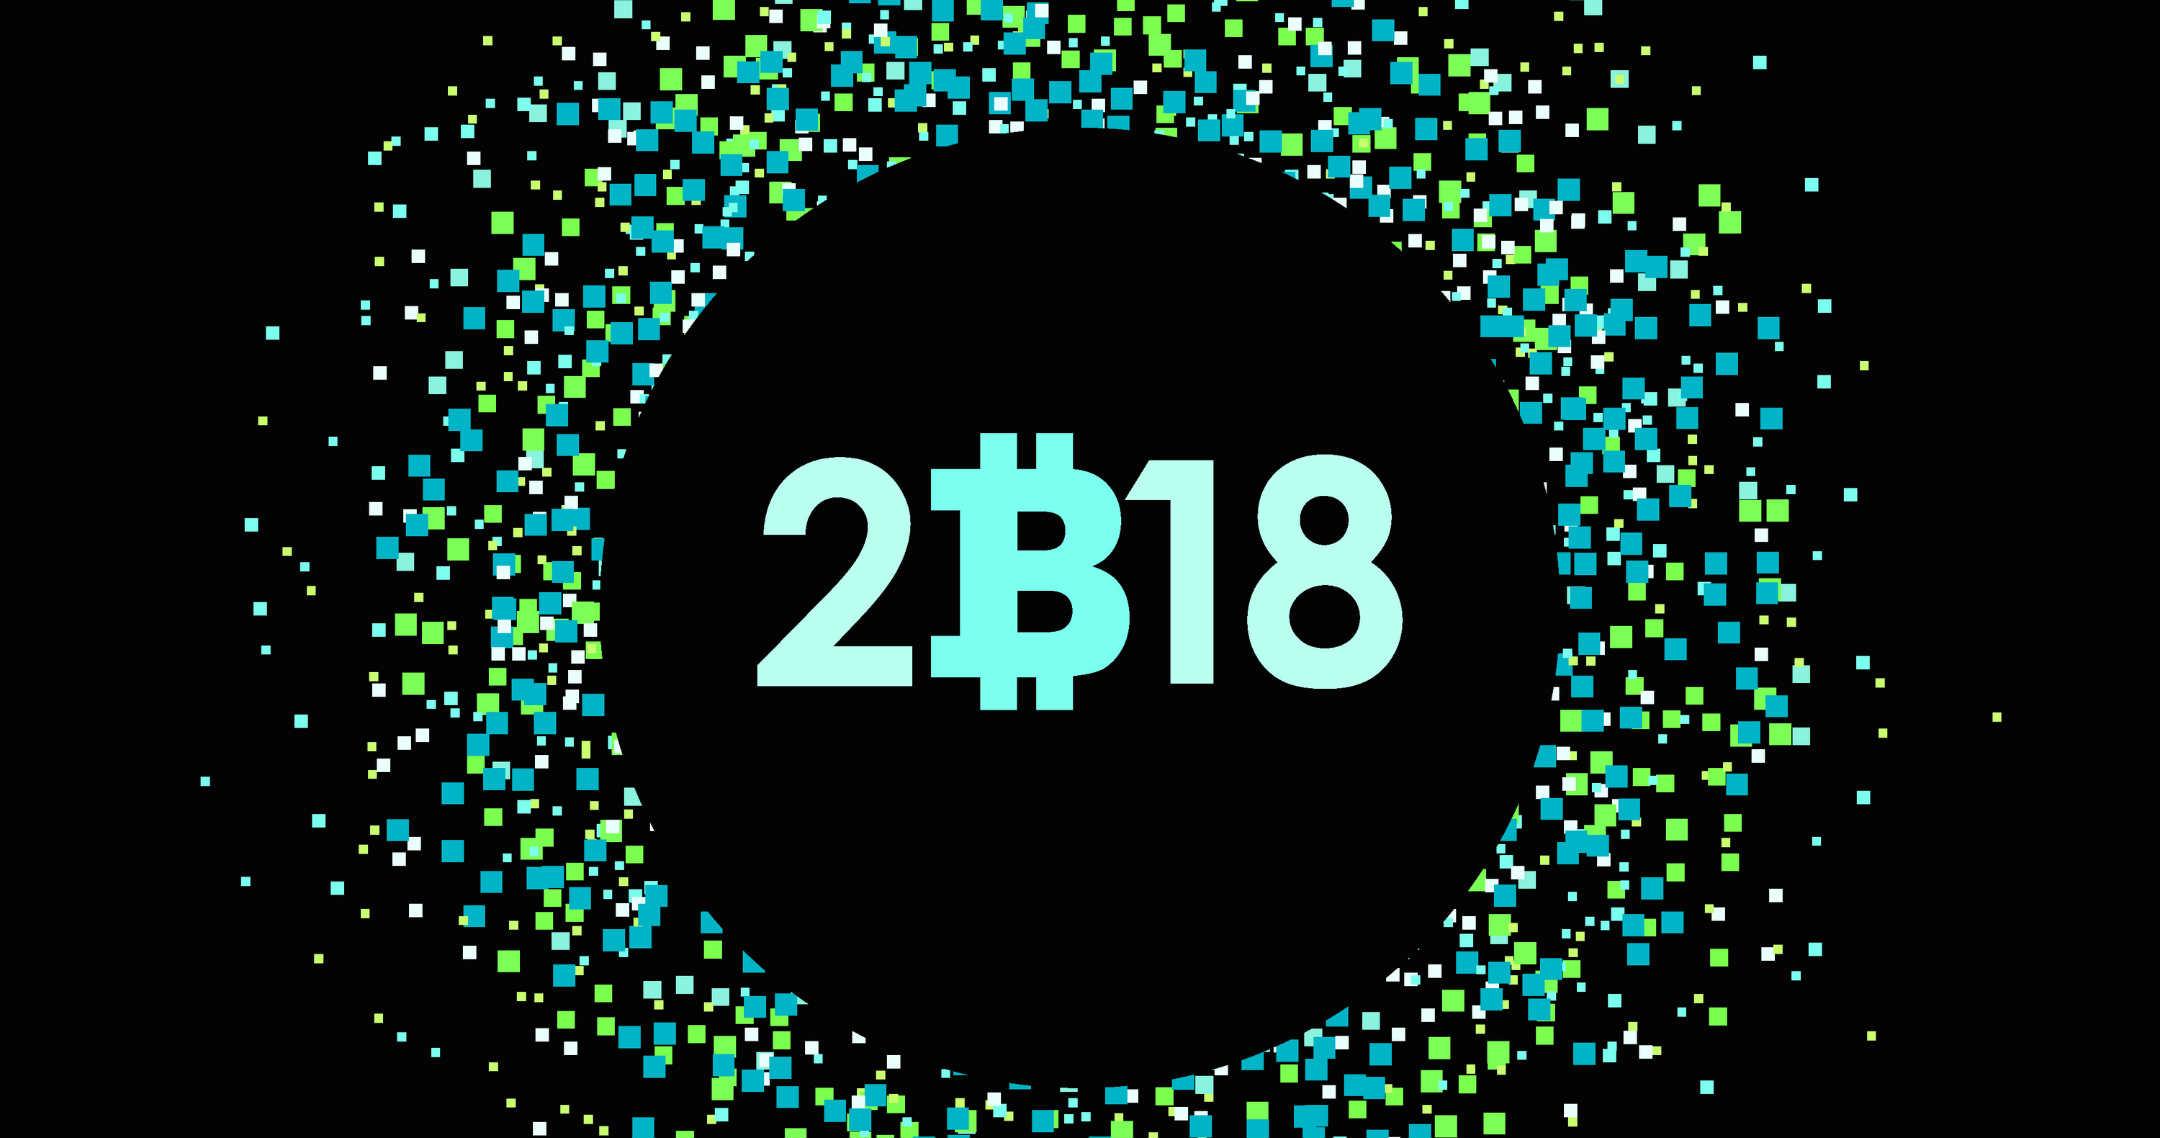 Стоит ли покупать биткоин в 2018 году?